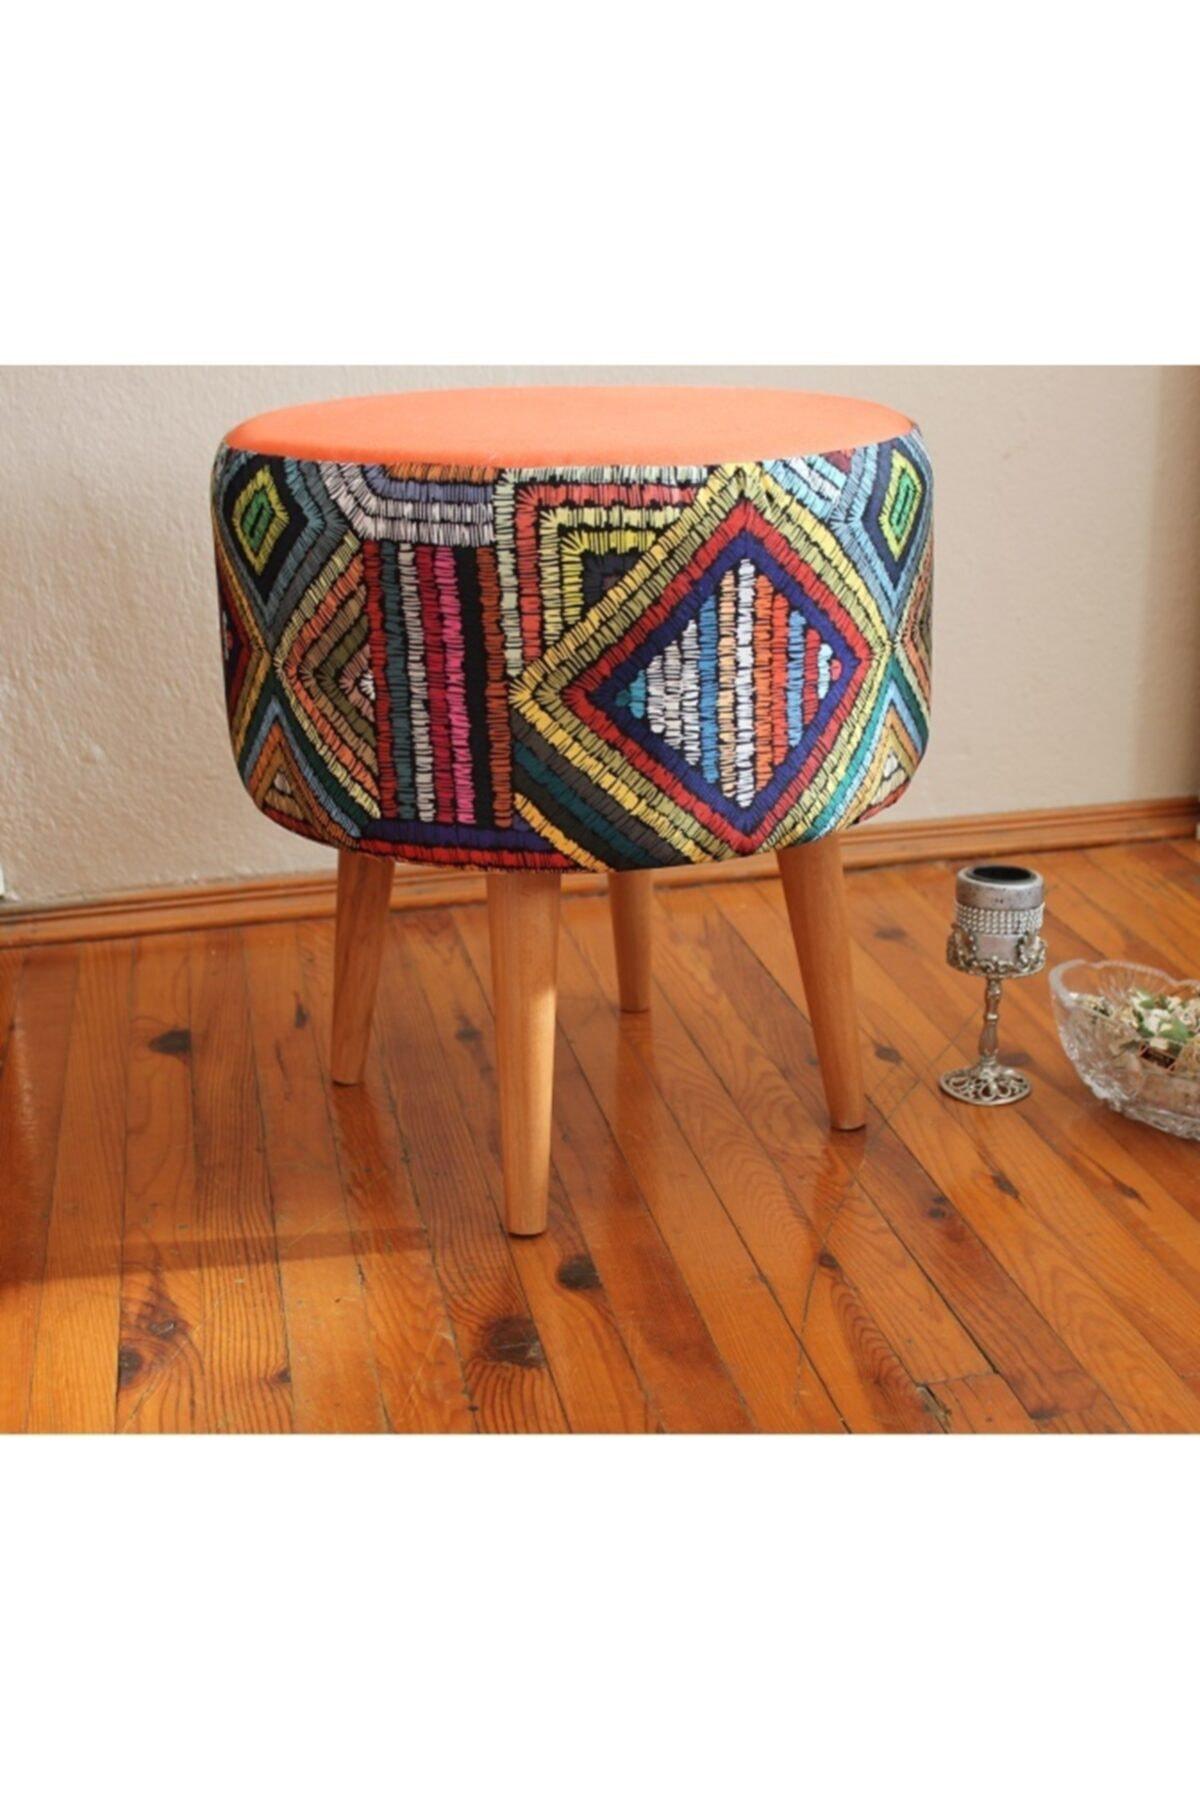 ALBATROS Gürgen Retro Ahşap Ayaklı Dekoratif Etnik Üst Kiremit Desenli Silindir Puf Bench Koltuk Sandalye 2